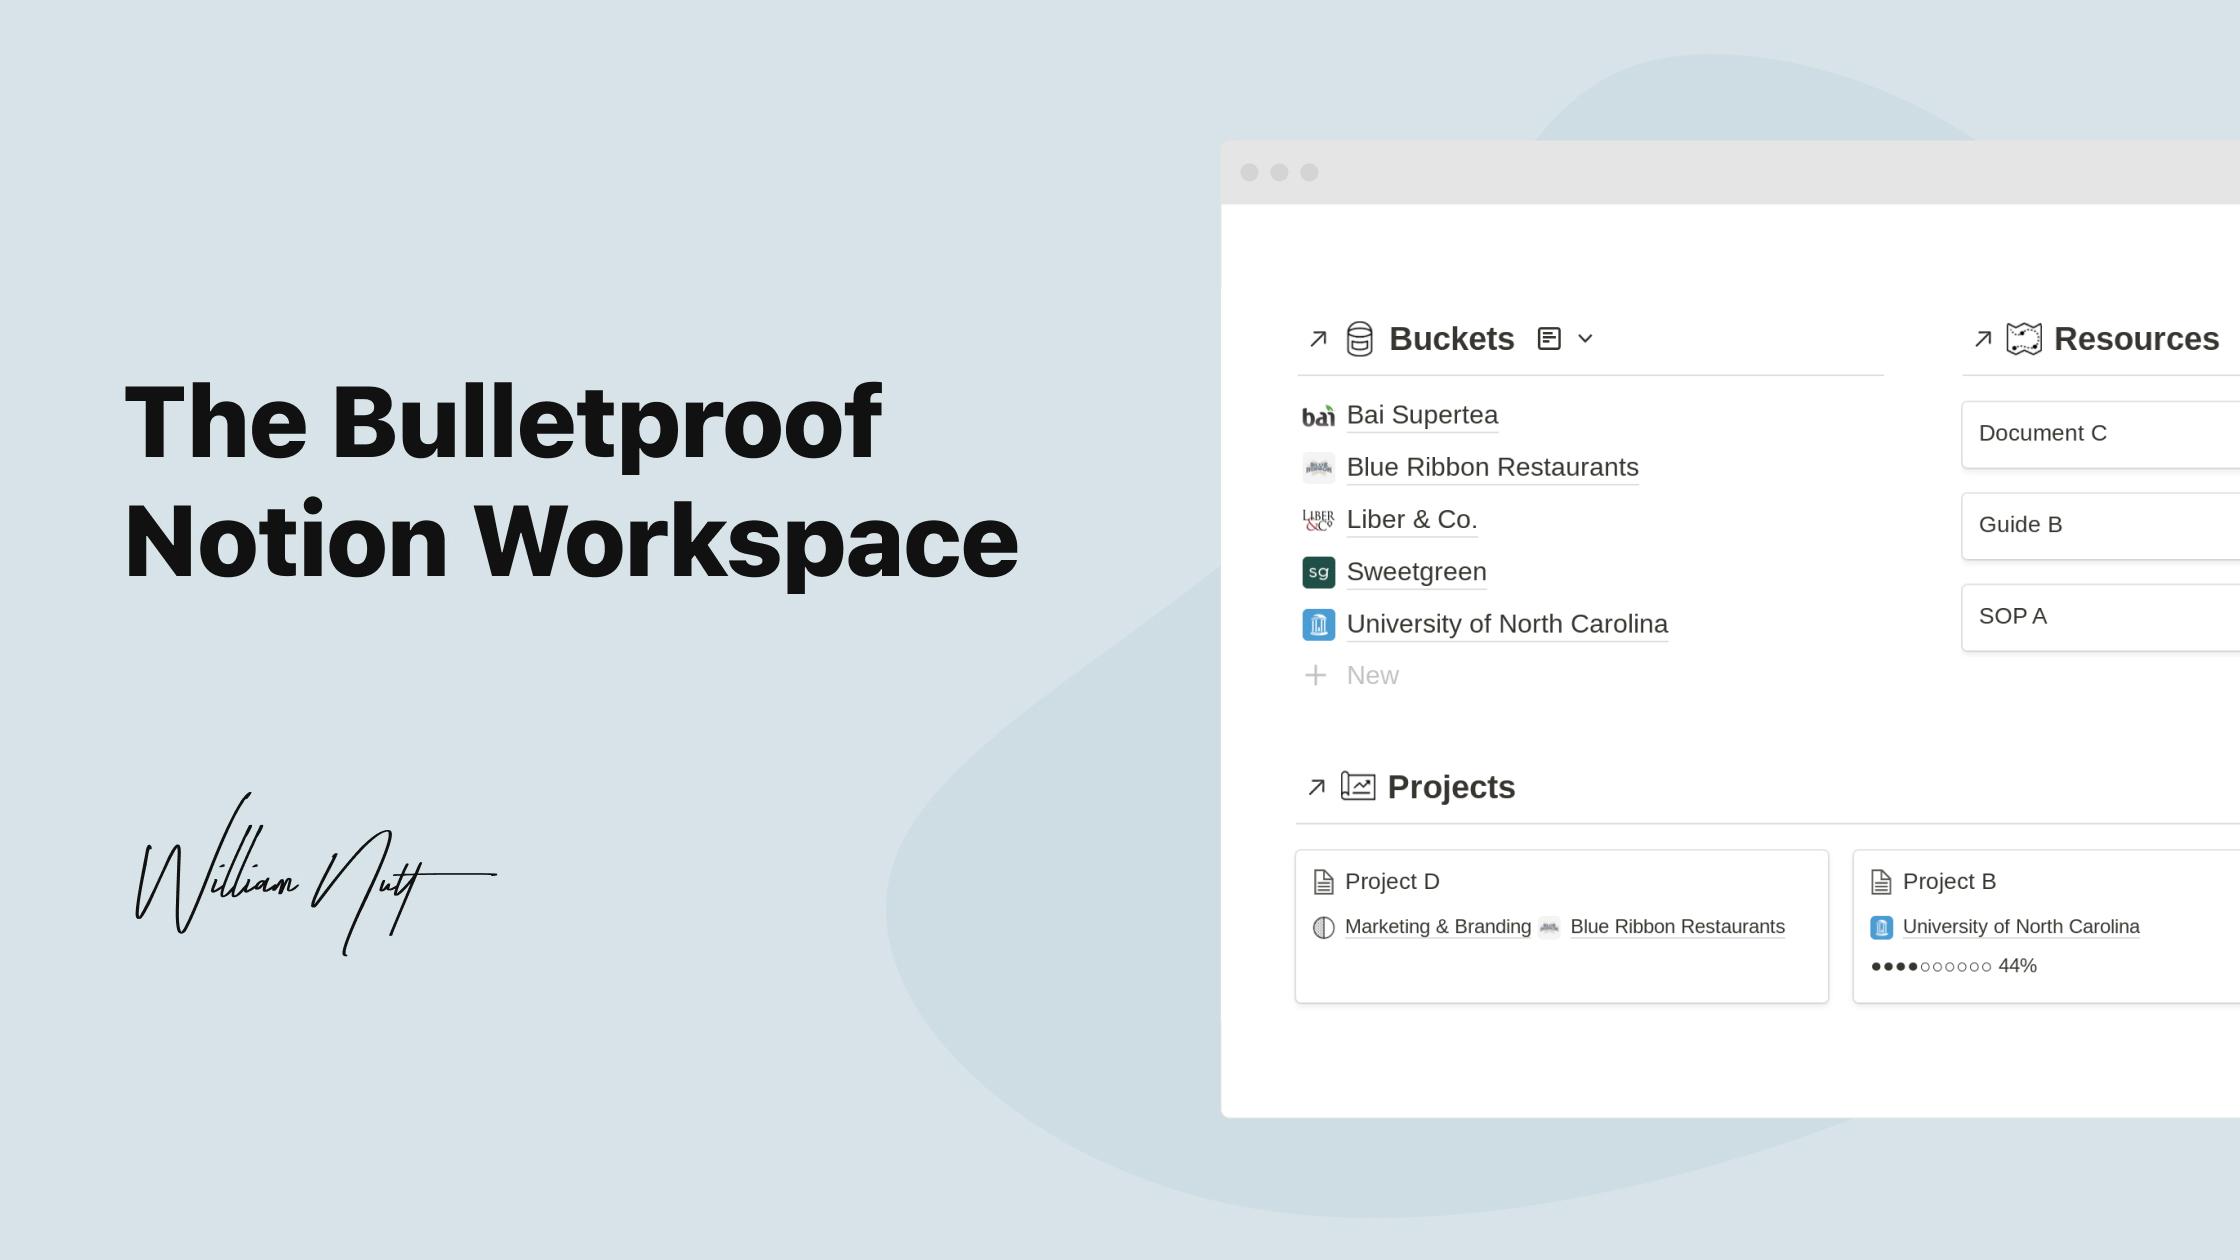 The Bulletproof Notion Workspace